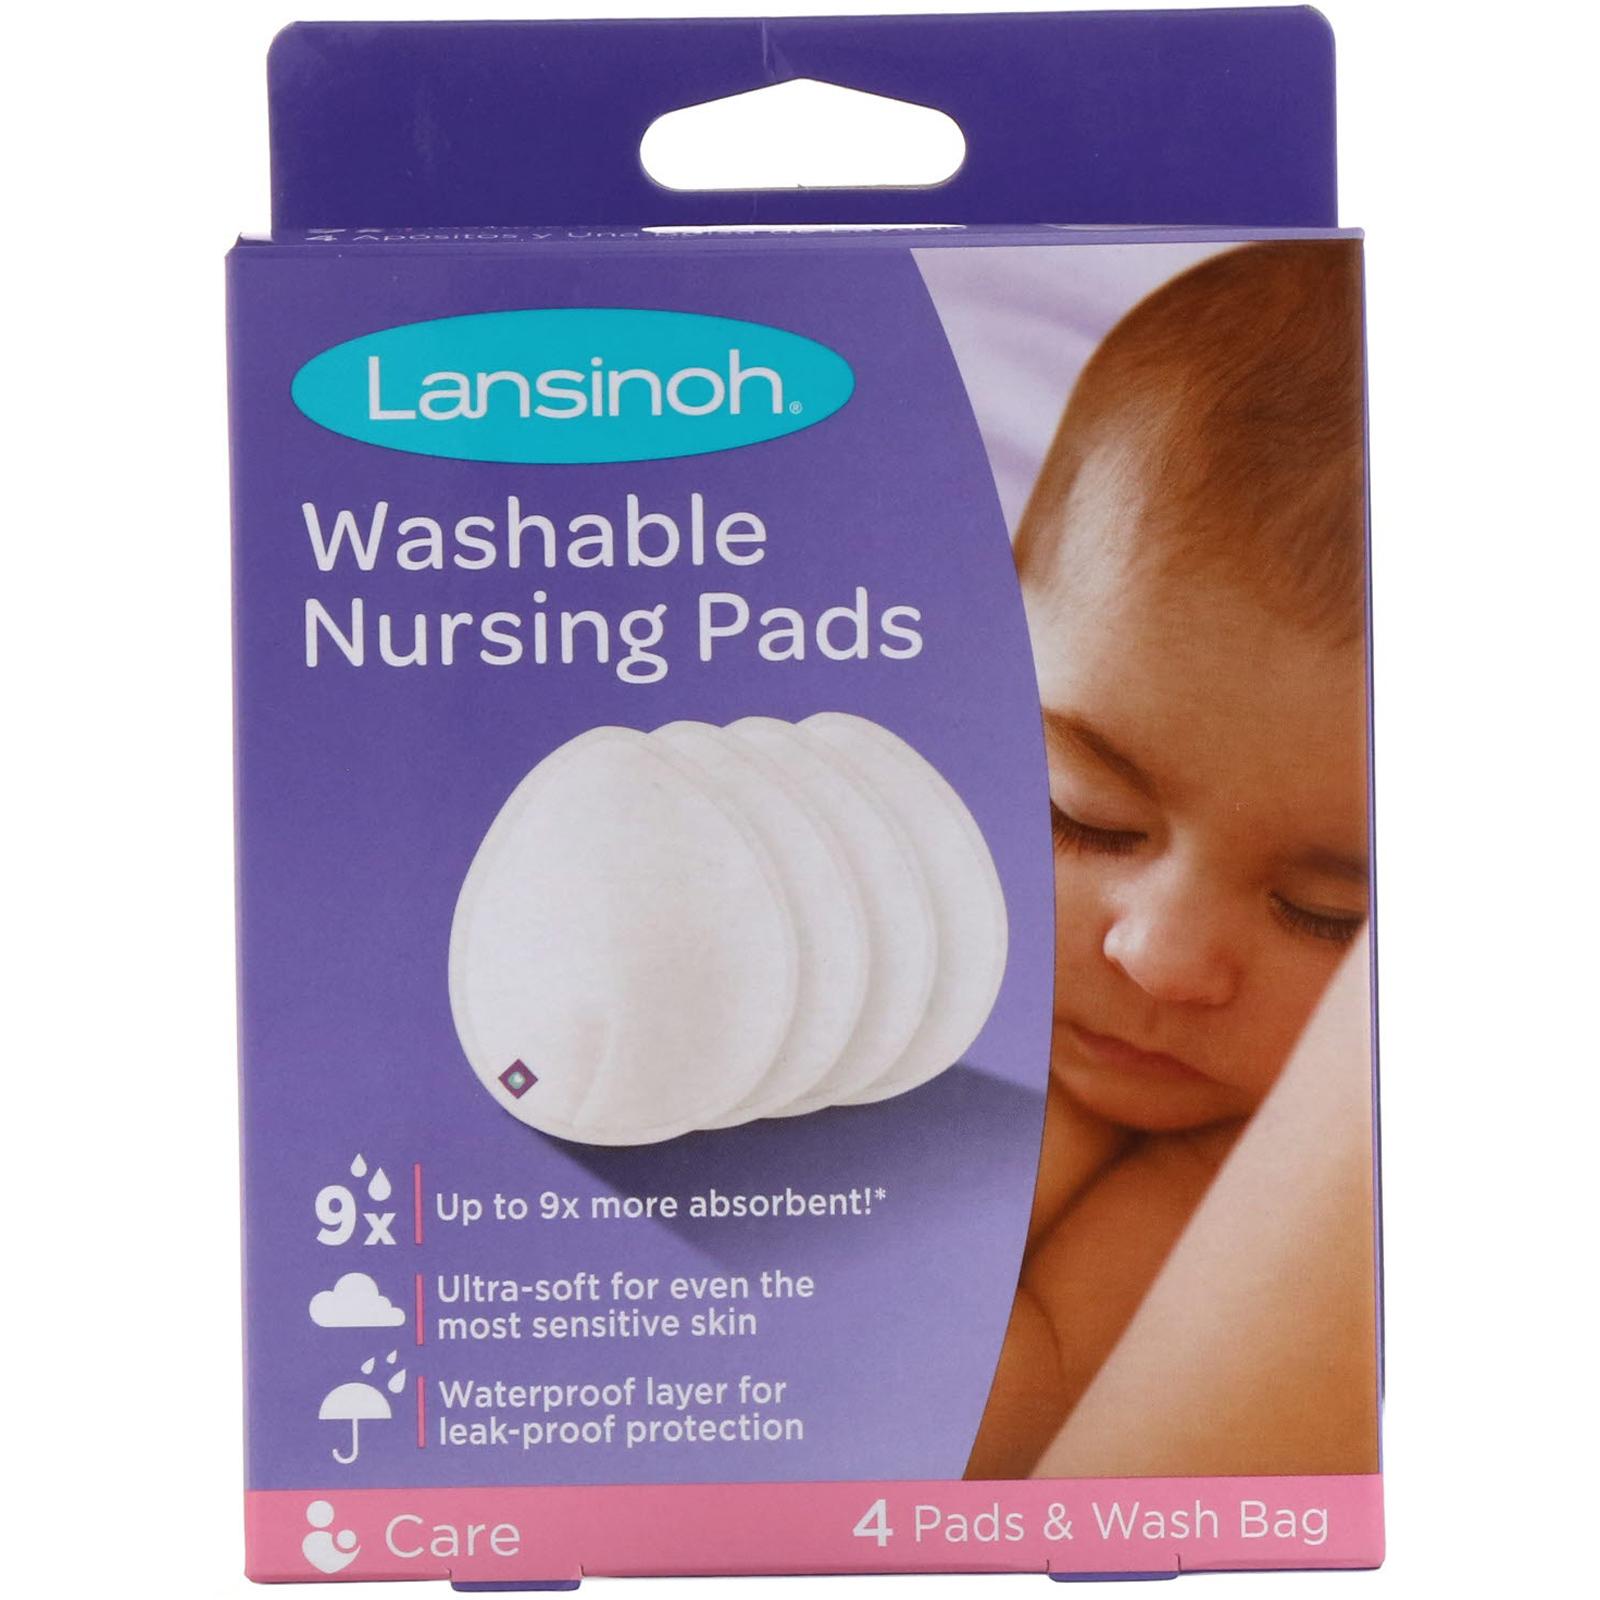 Lansinoh Washable Nursing Pads 4 Pads Wash Bag Iherb